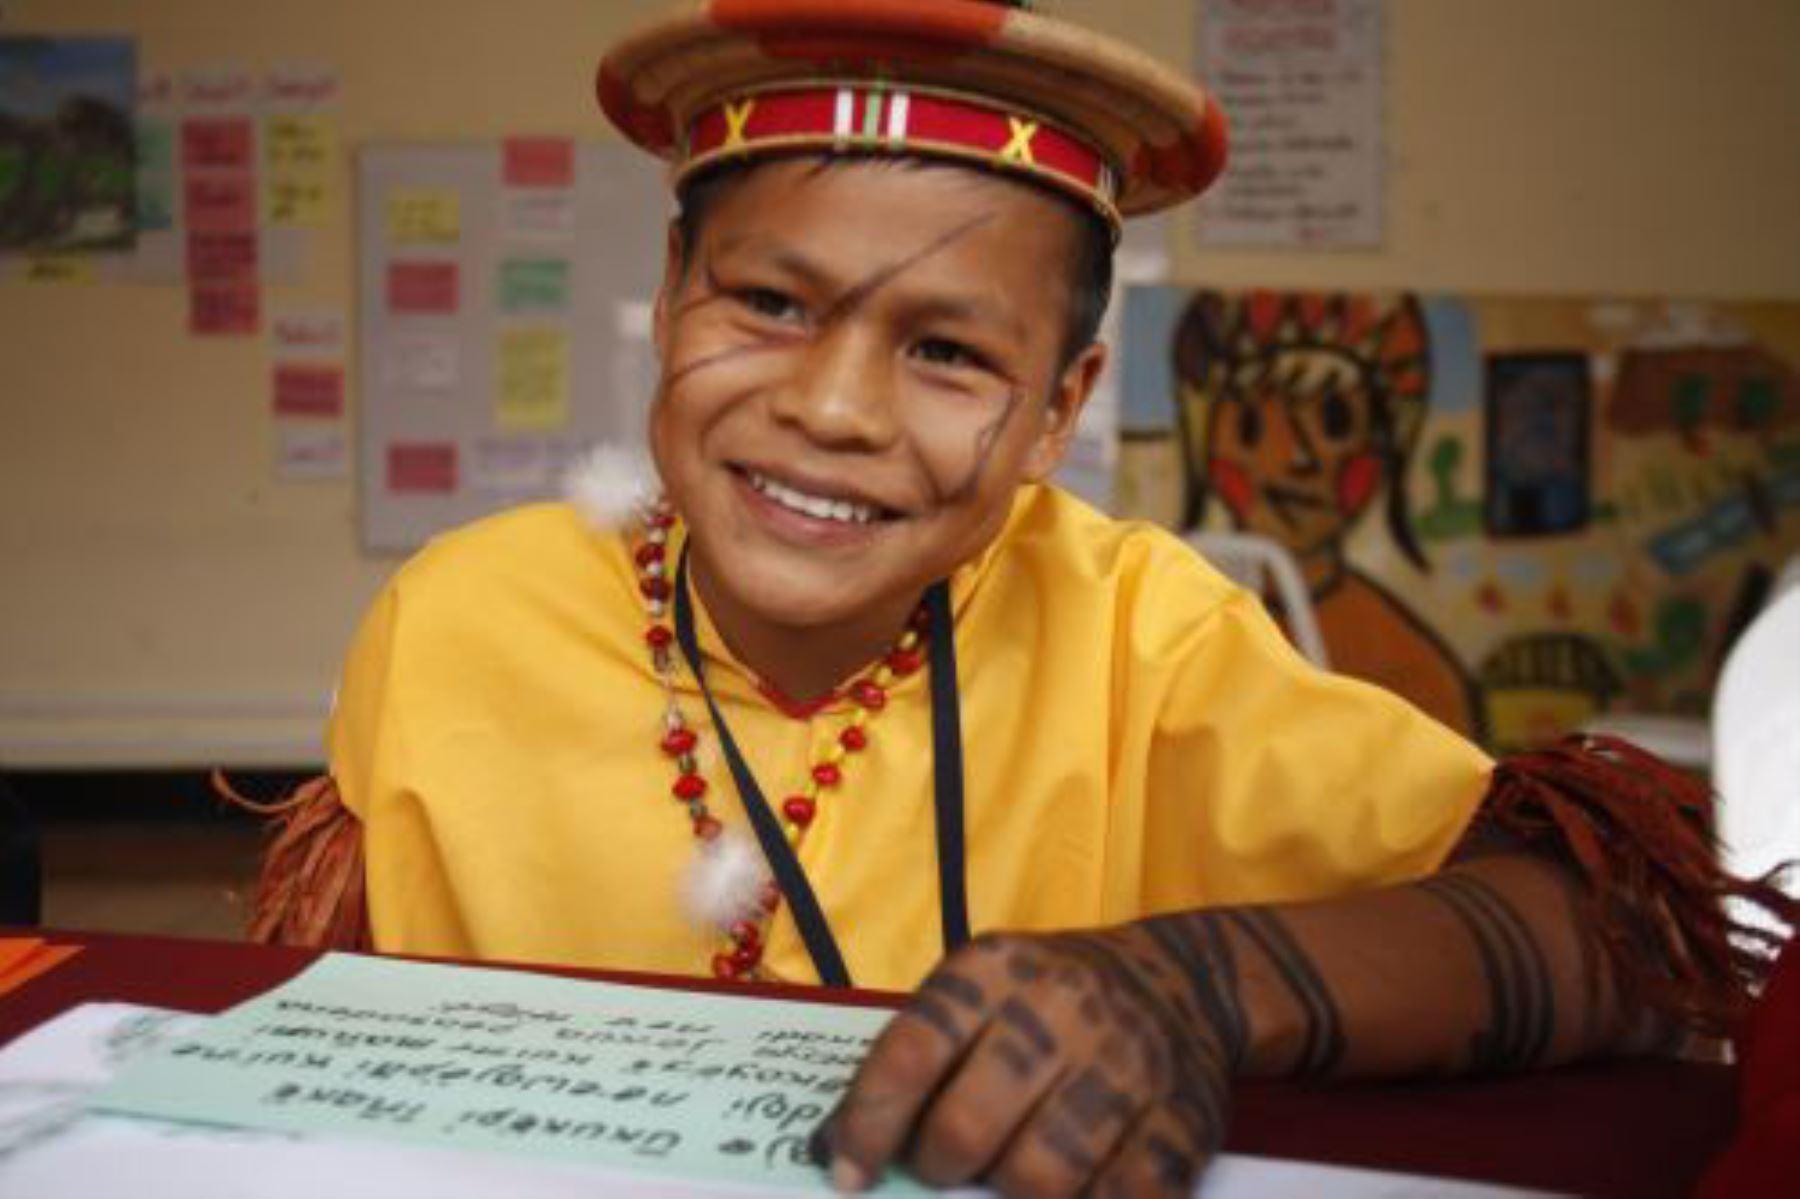 """""""Nu tapibis tsaiki dawanatsai, natia nu tapi nukutsai nahua"""" es una expresión que significa """"Aprendimos a leer en castellano, ahora aprendemos a leer en nahua"""" y ha sido escrita utilizando las grafías del nahua, una lengua hablada por más de 350 habitantes de la comunidad Santa Rosa de Serjali, en la región Ucayali."""